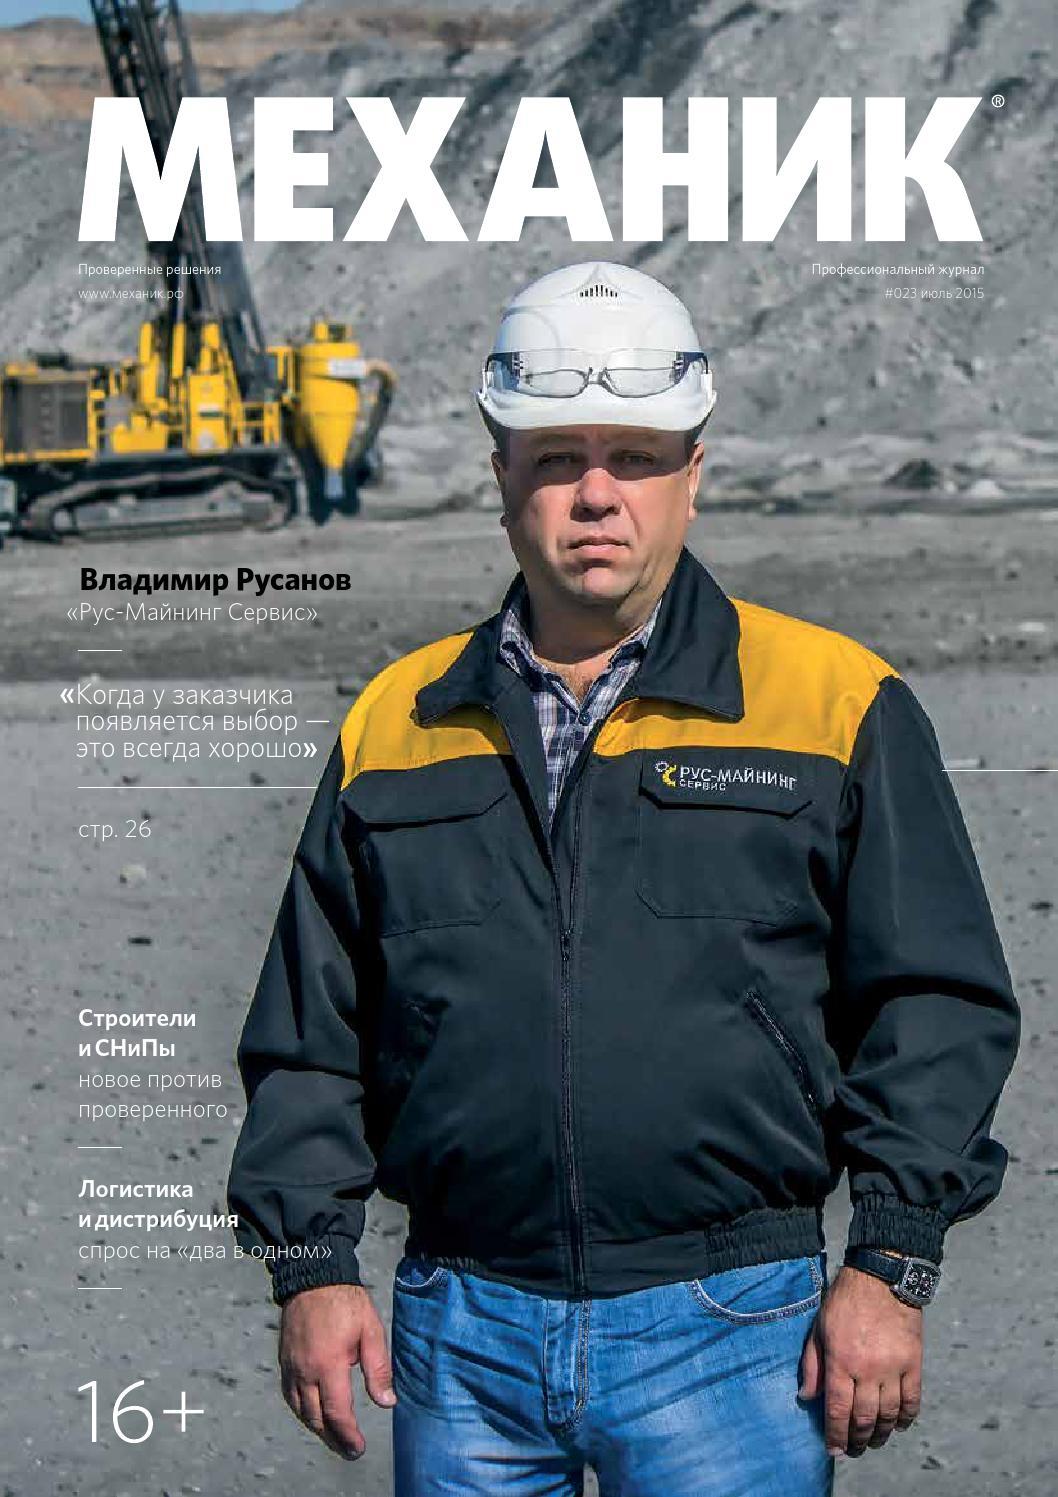 ираэро иркутск бортовой журнал